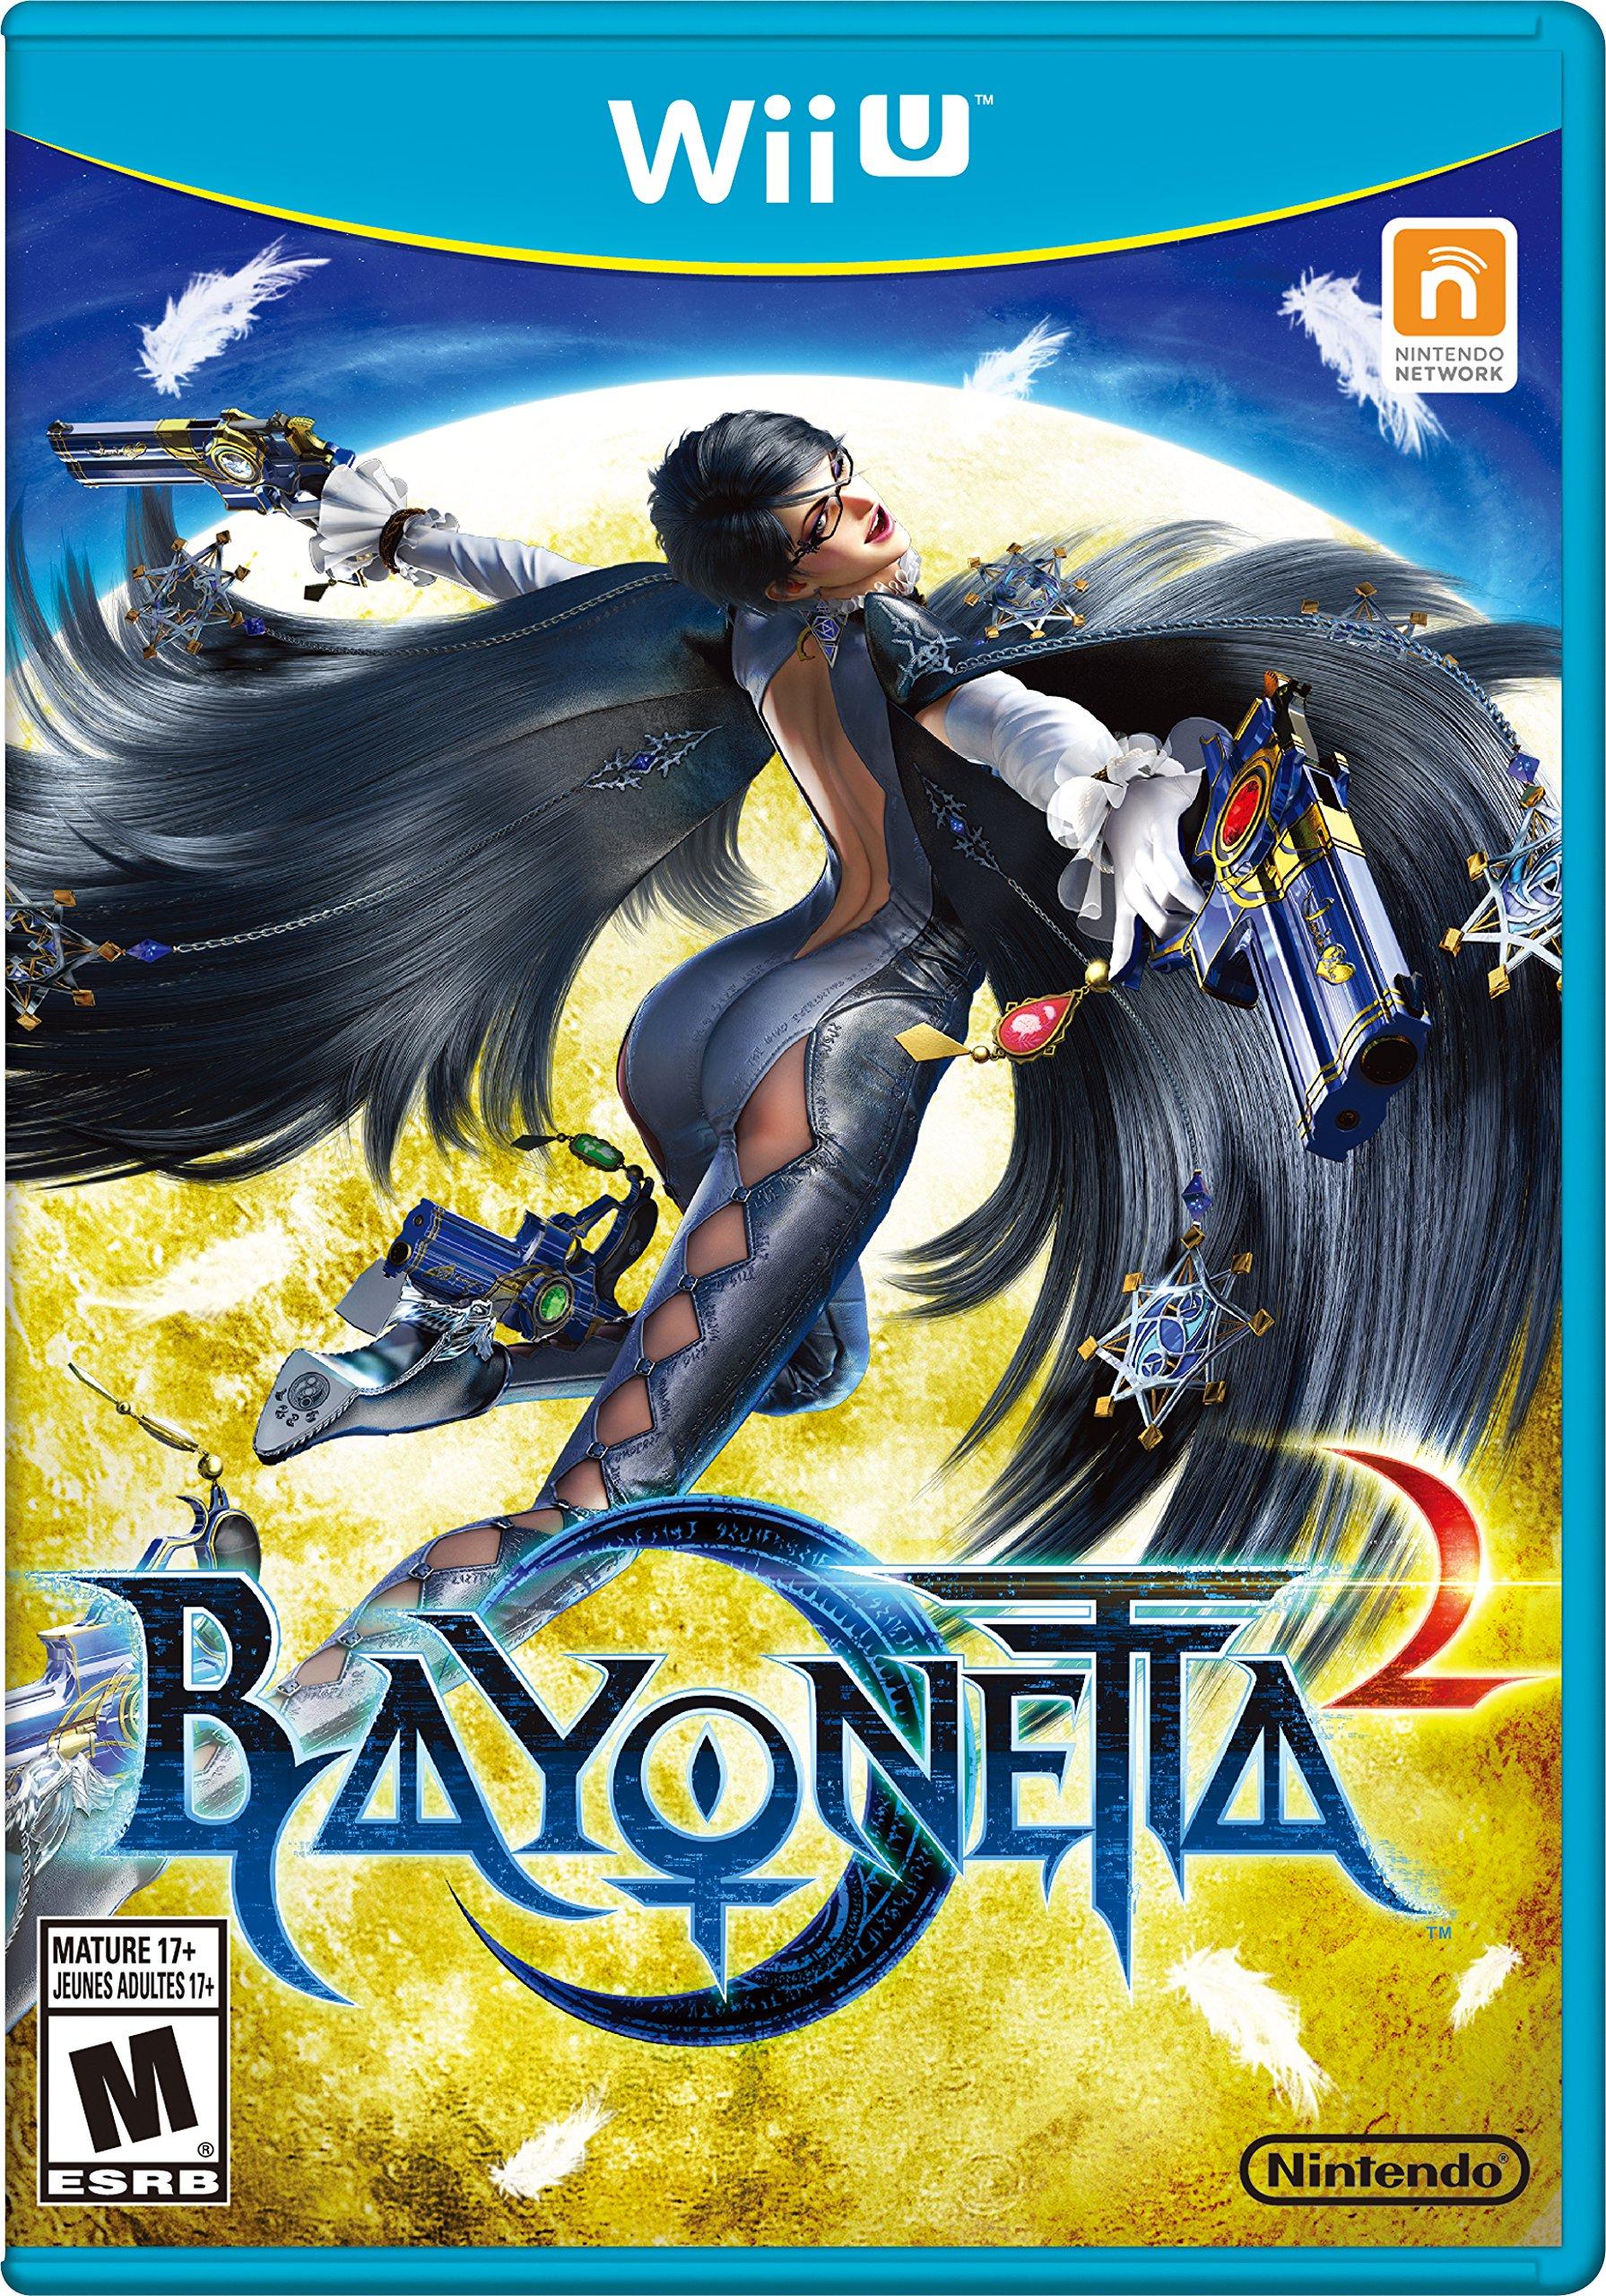 U With Wii Games 2 : Bayonetta release date switch wii u